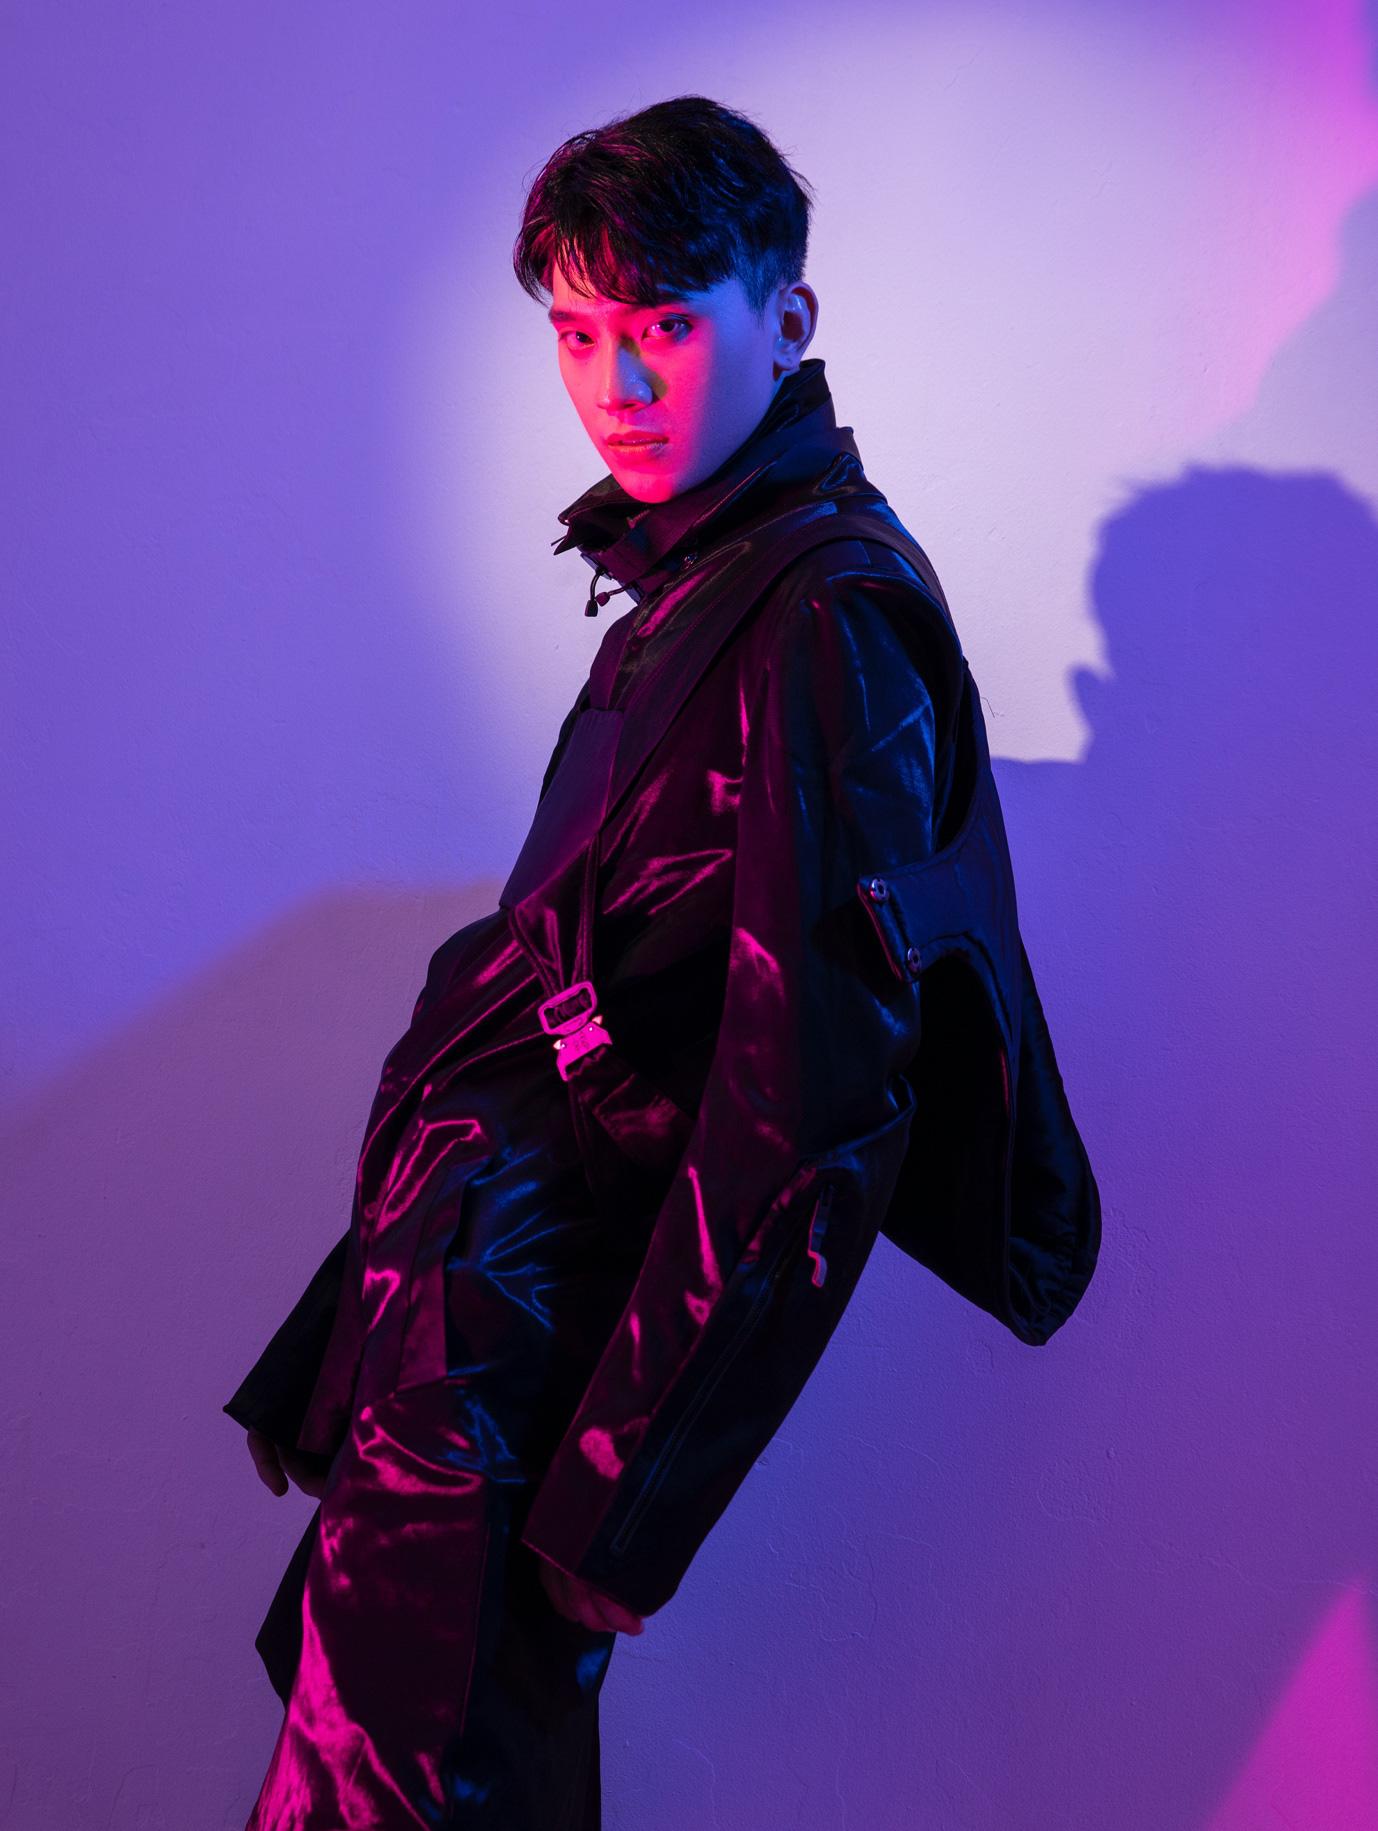 Orange sáng tác ca khúc mới tặng sinh nhật 23 tuổi NEON - Ảnh 1.